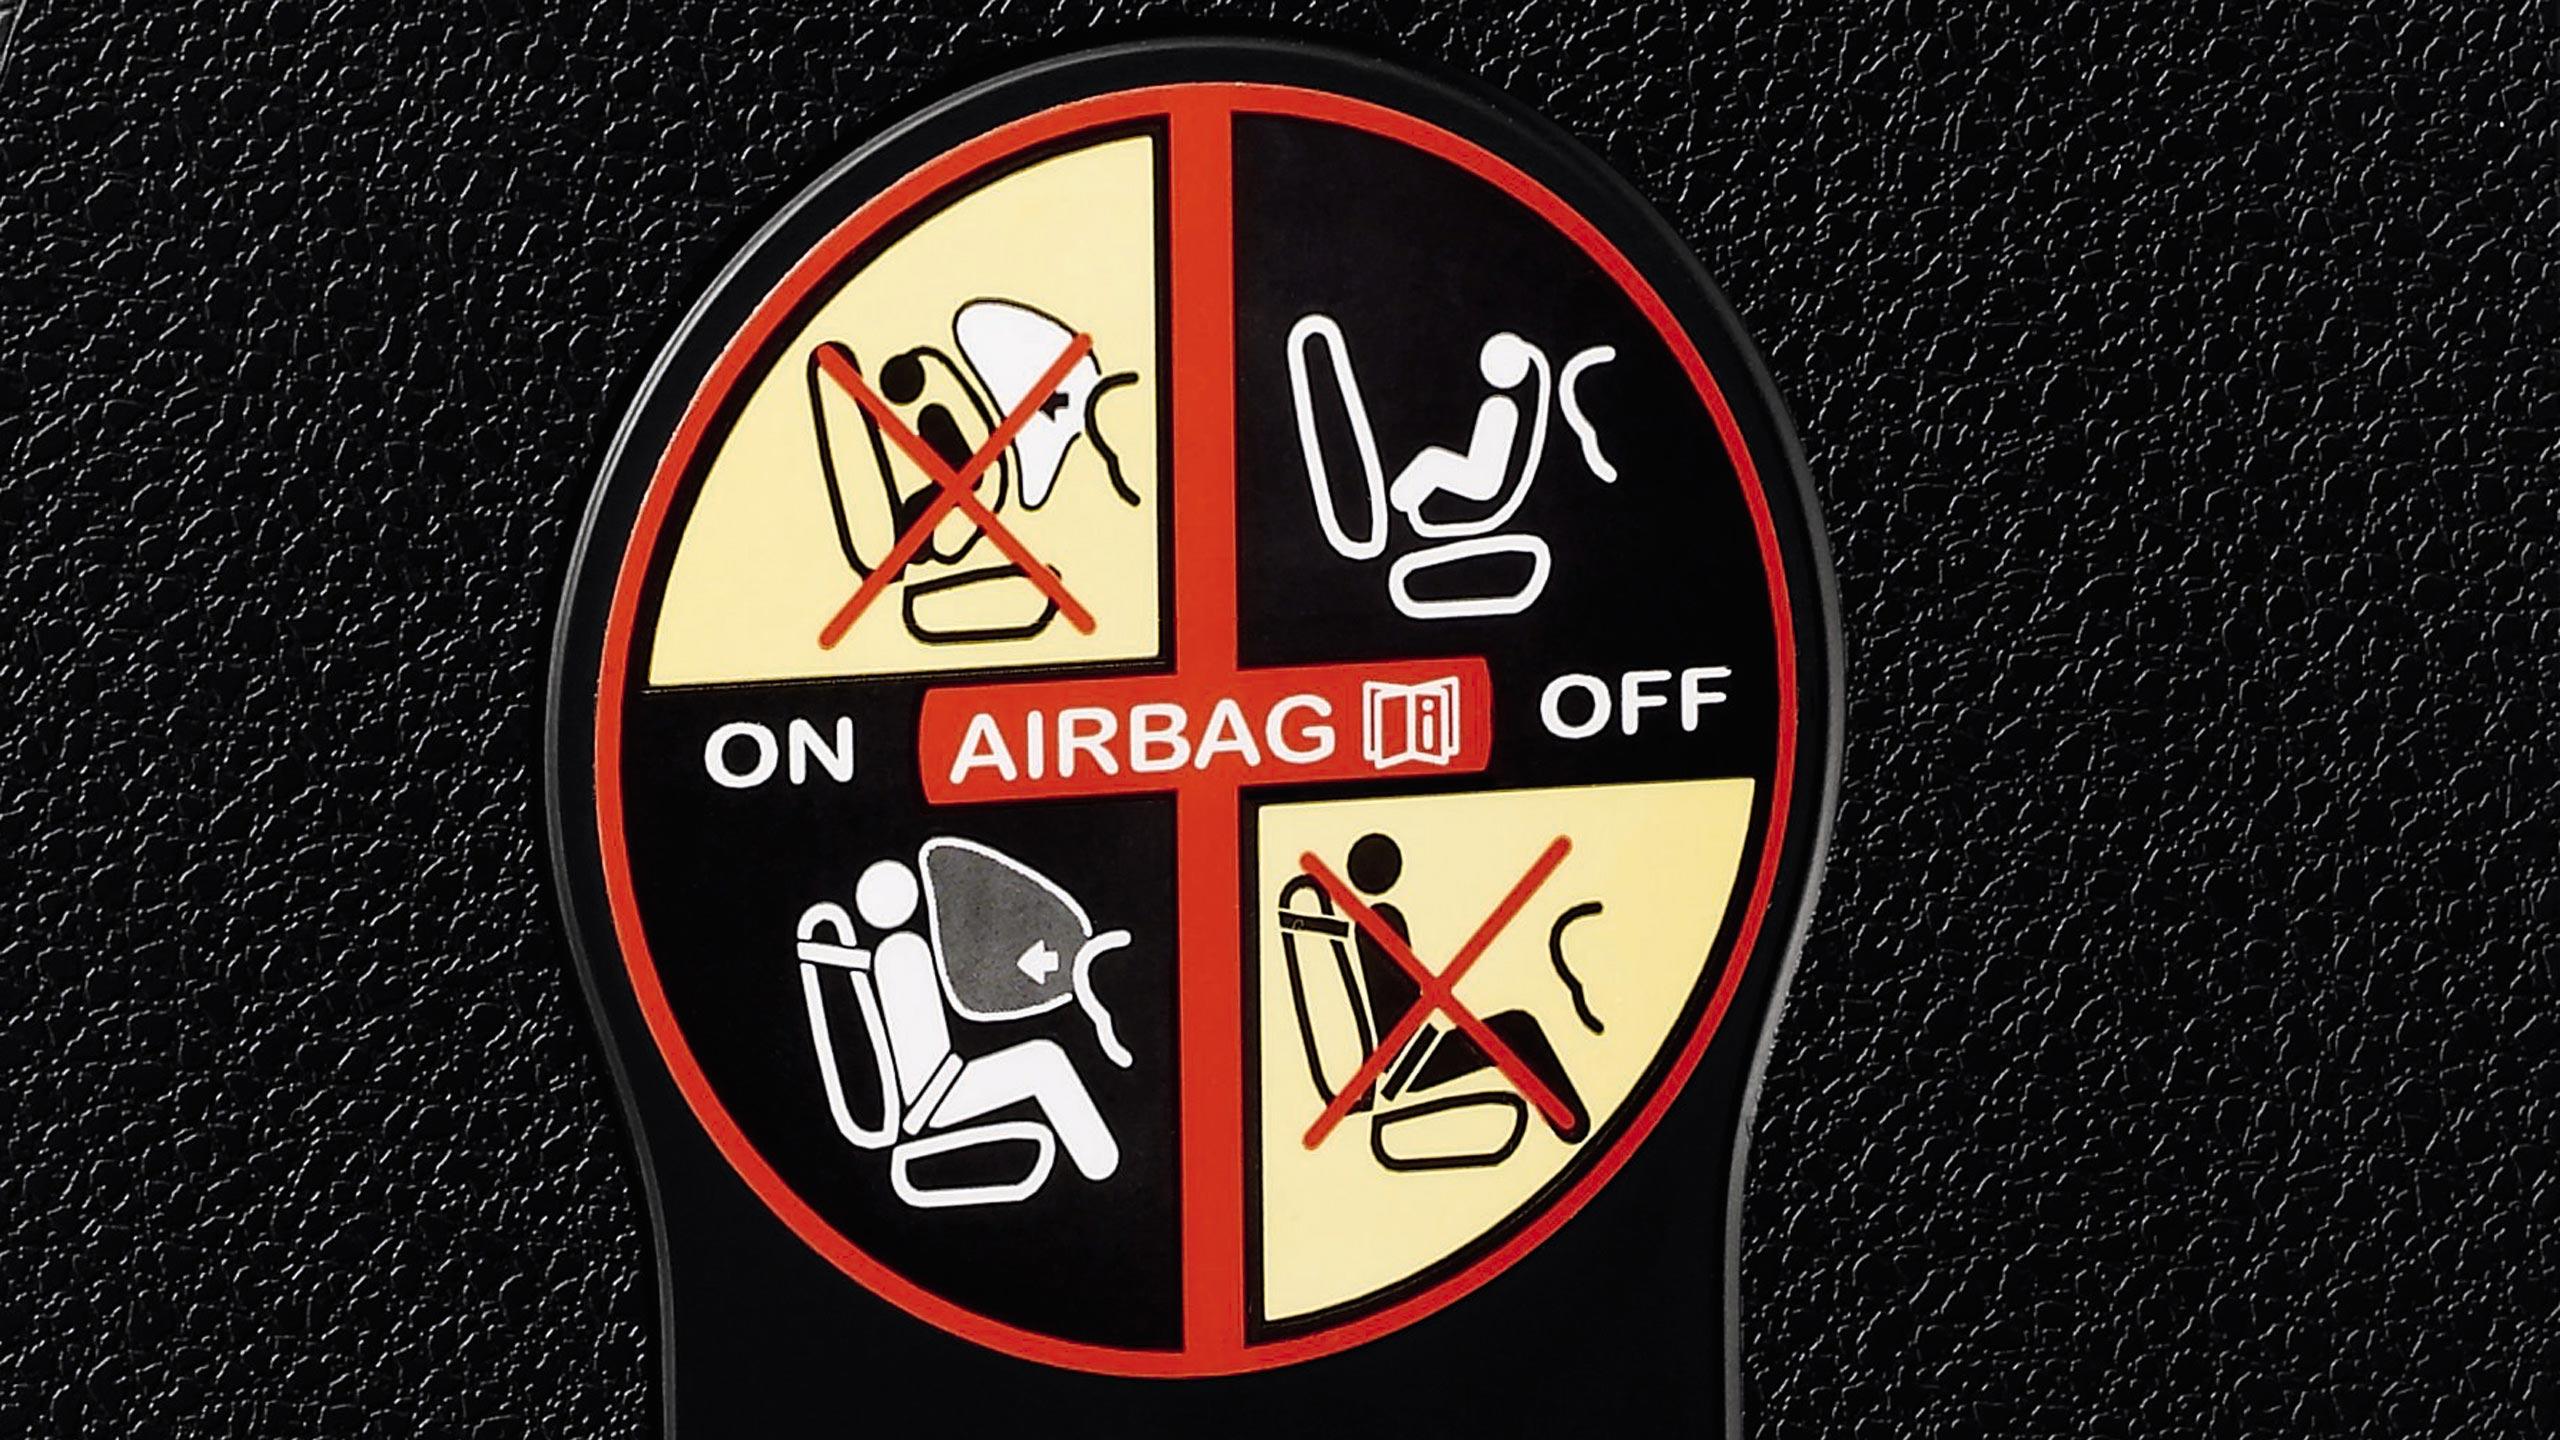 Airbag passagier (uitschakelbaar)